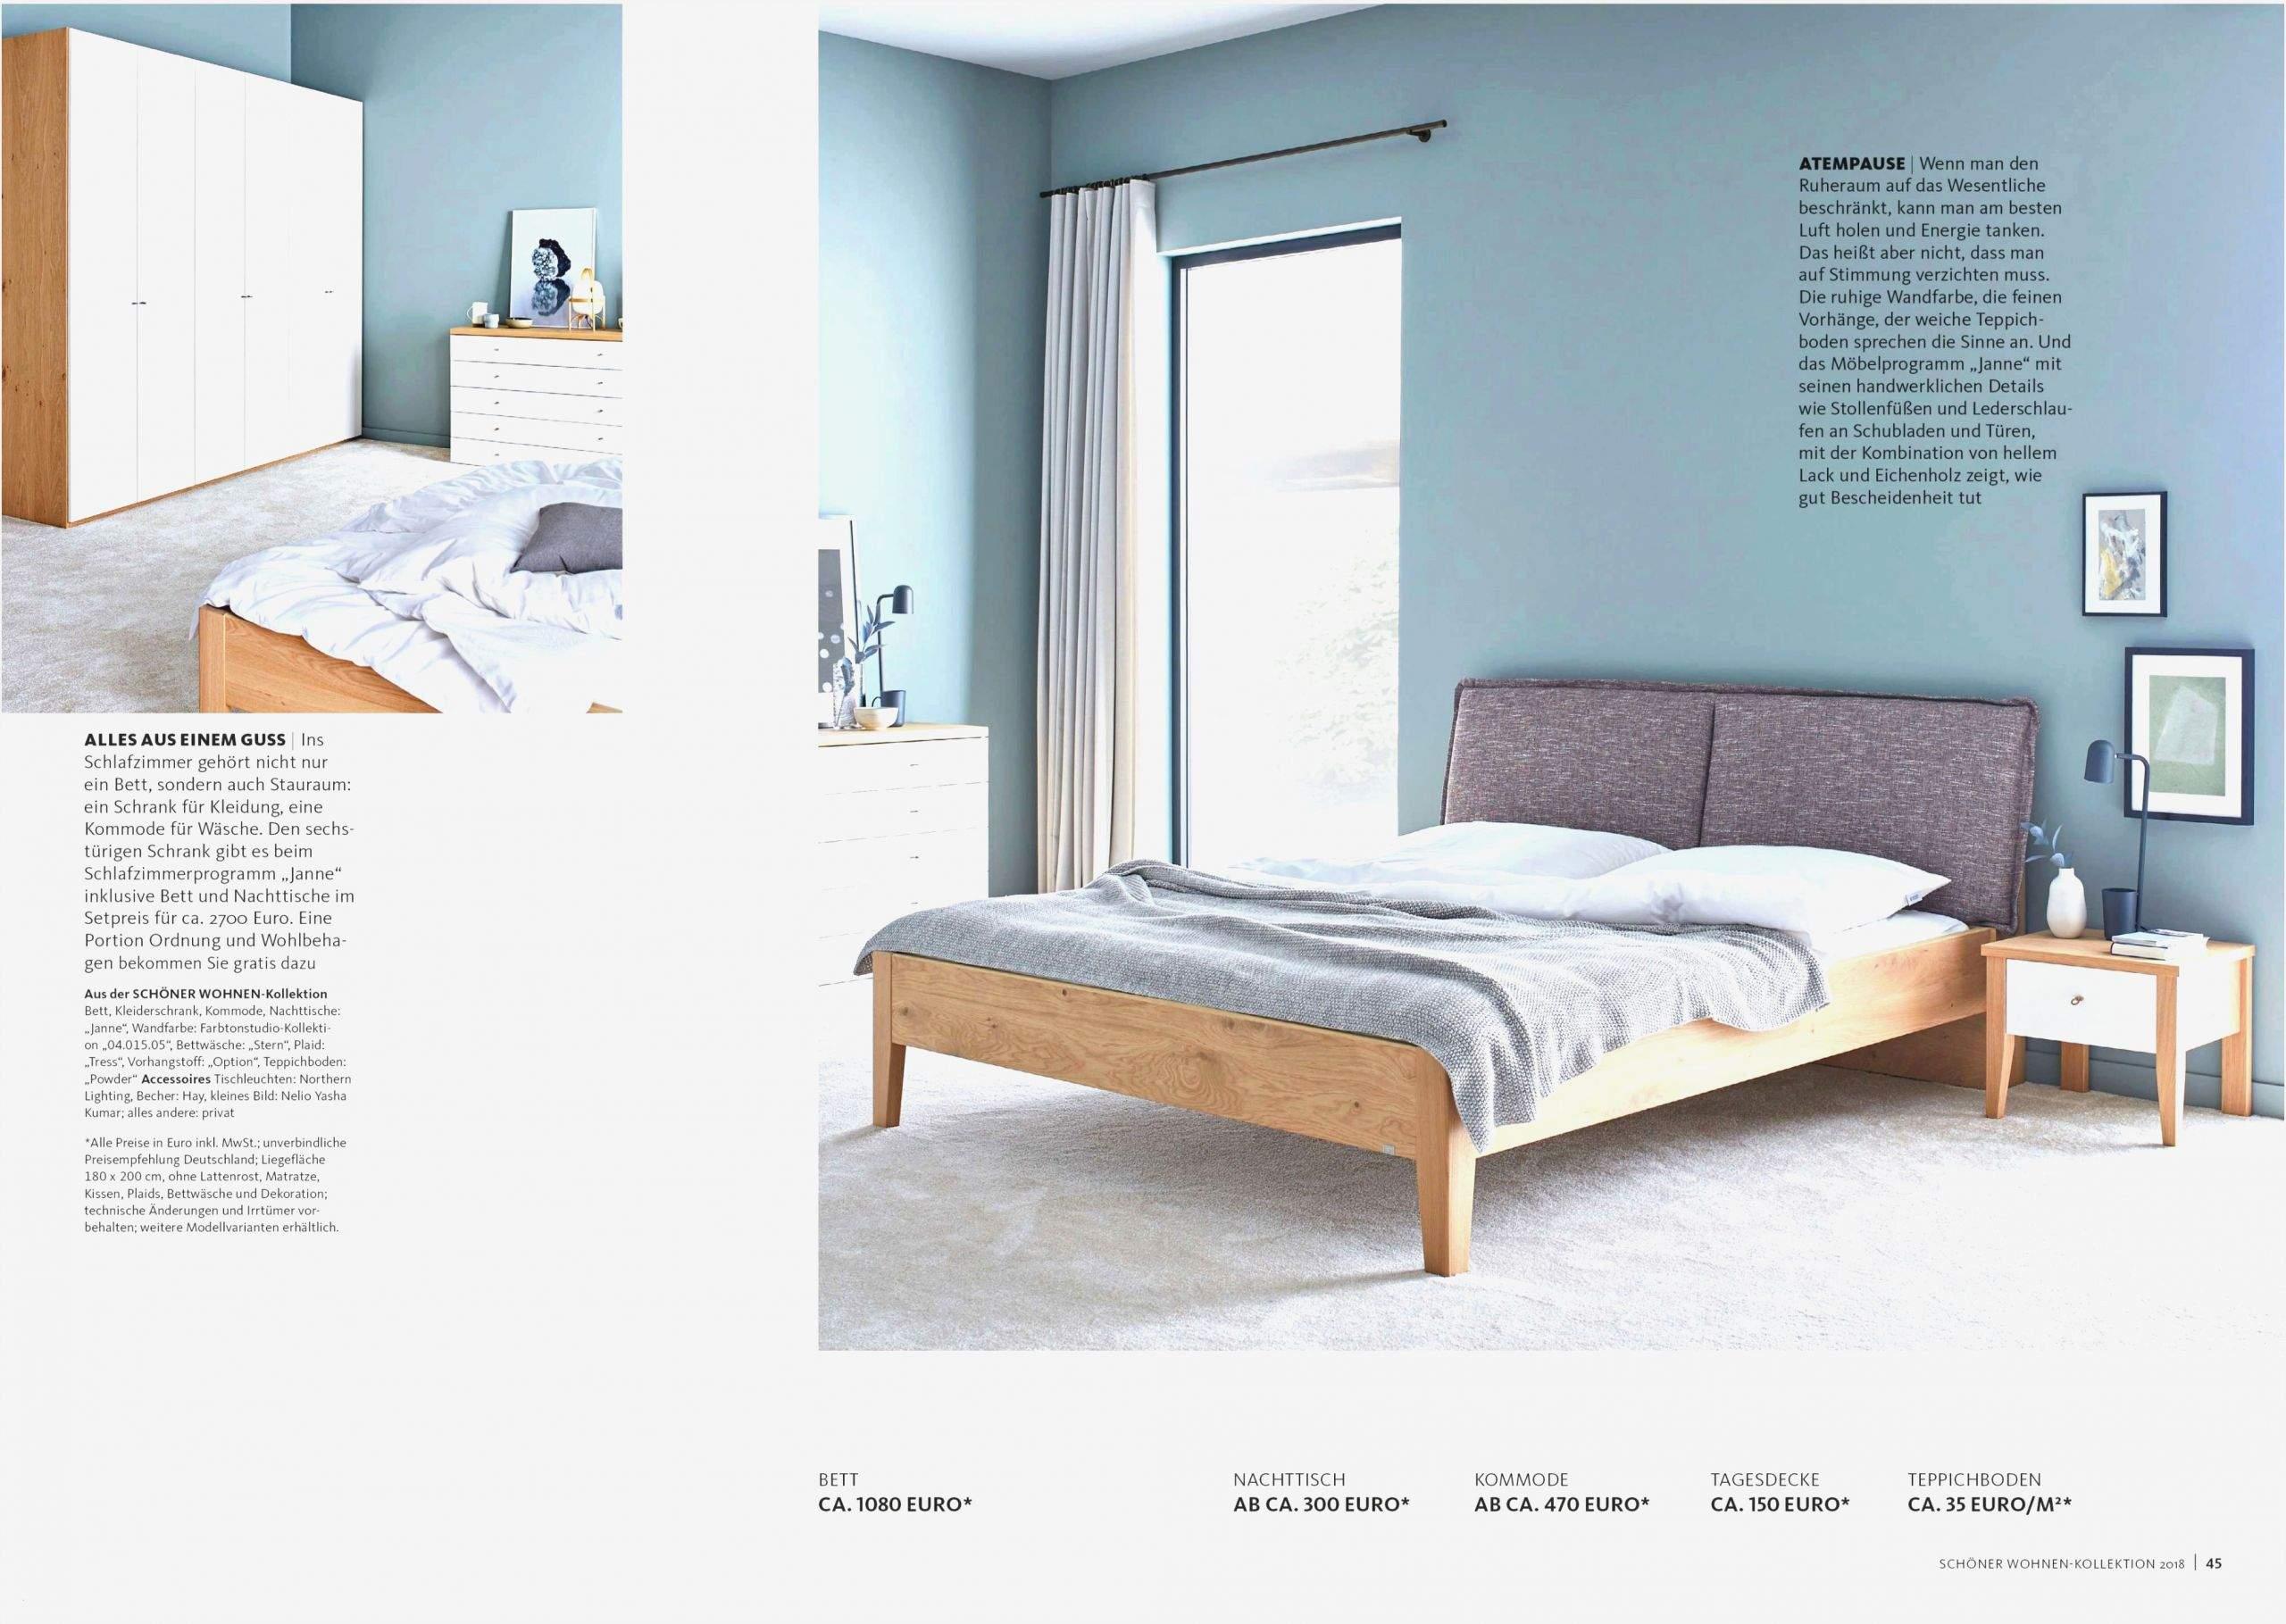 Wohnen Und Garten Elegant Wohnen Und Garten Ideen Wohnzimmer Wohnzimmer Traumhaus